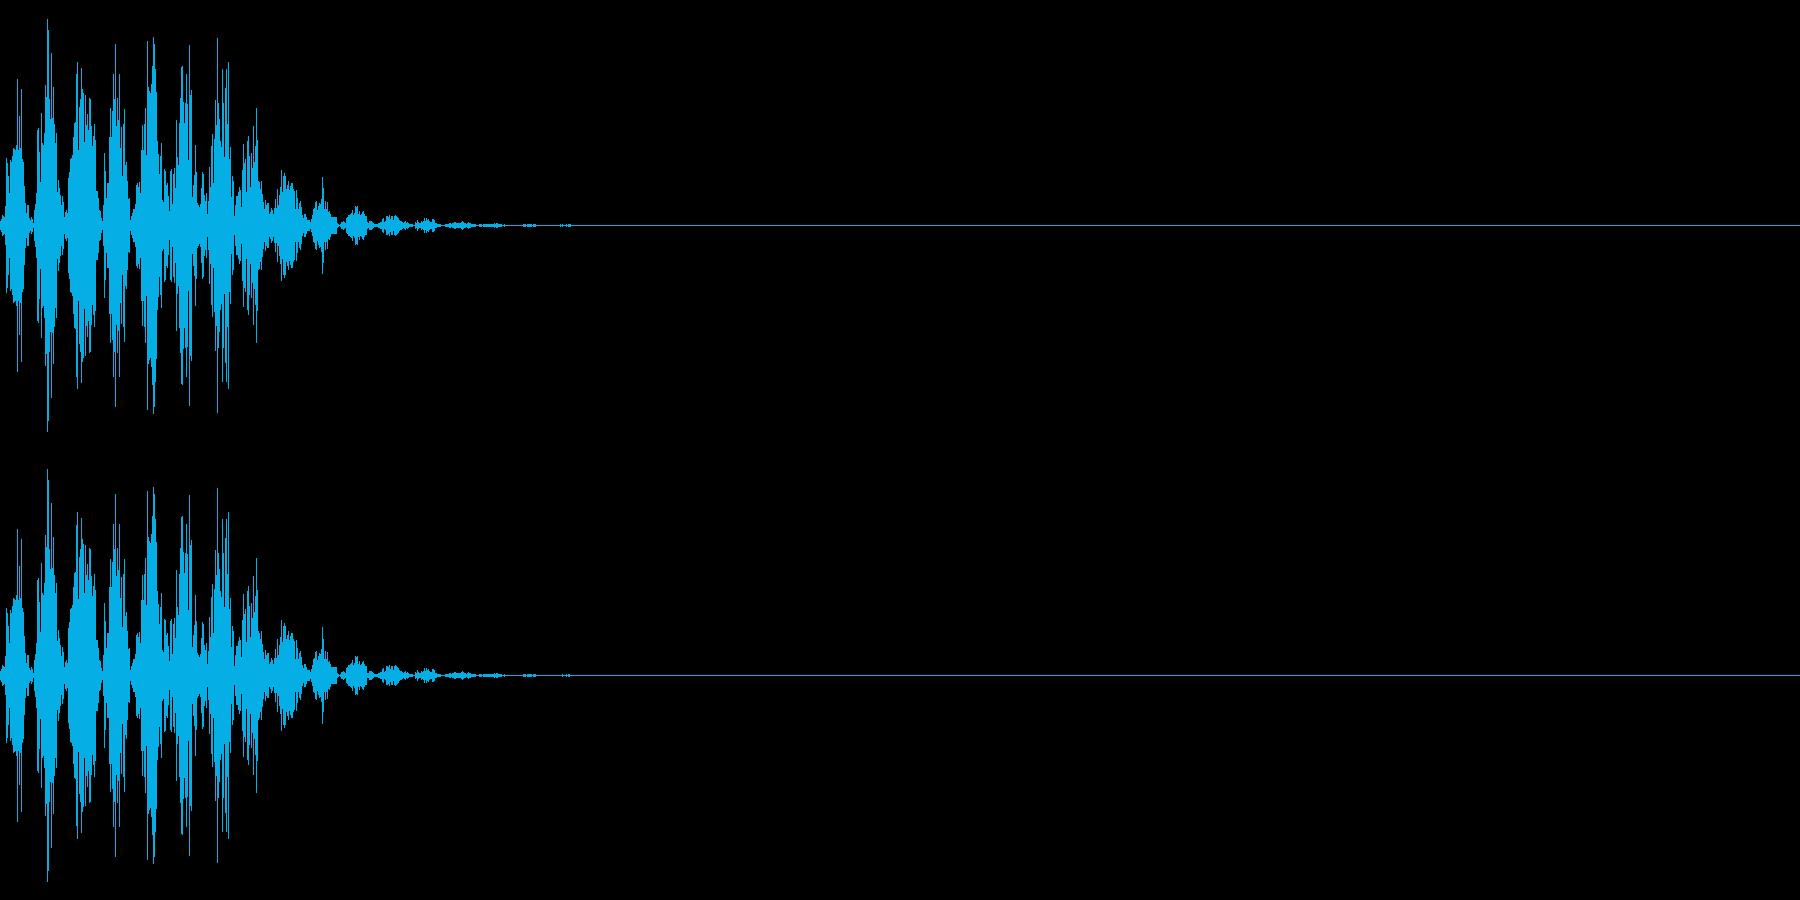 打撃音(マイナス_ダメージ_短い)の再生済みの波形